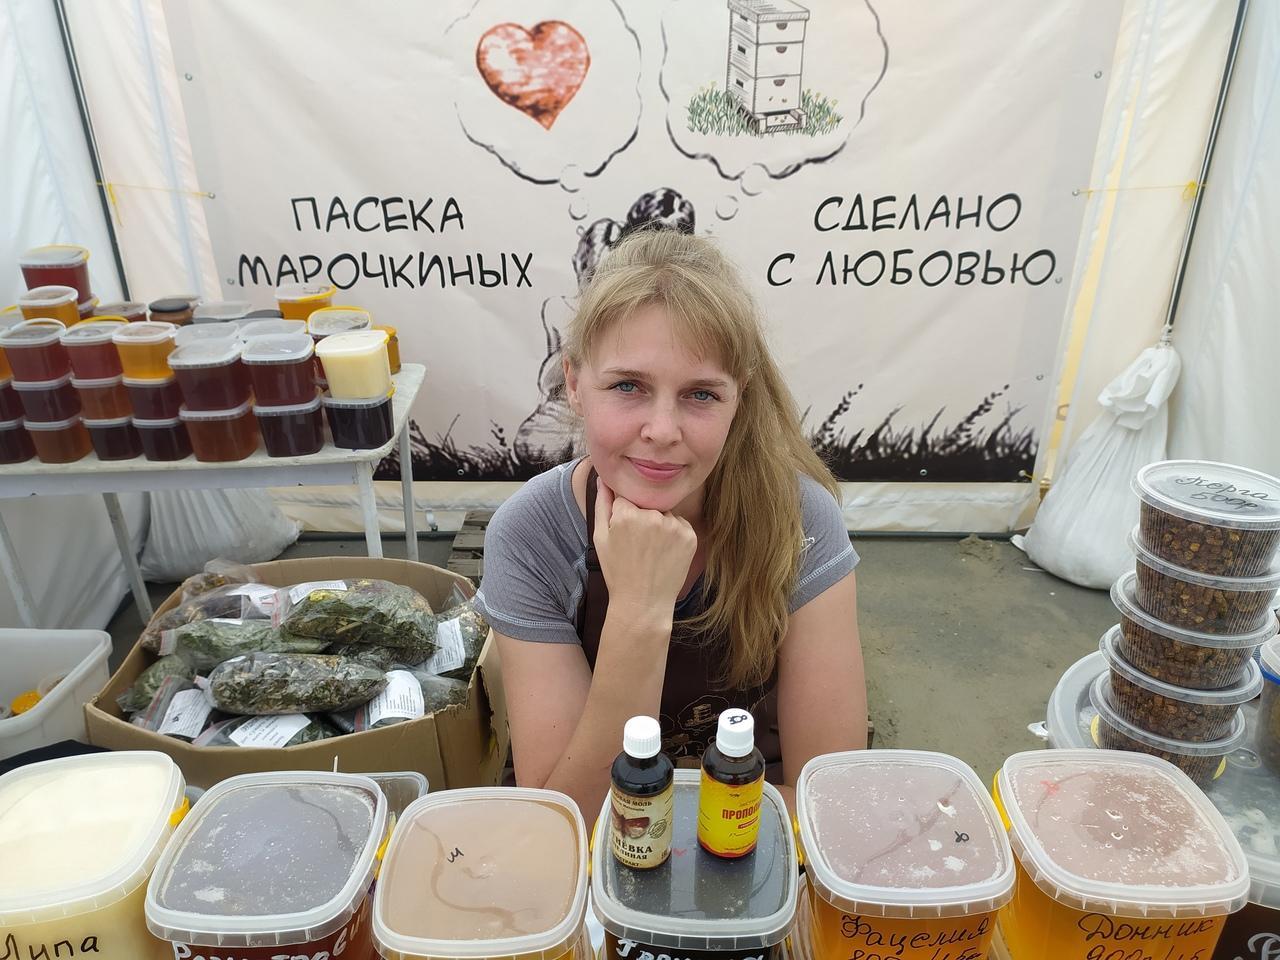 Фото Лизнуть и поставить на весы: в Новосибирске пасечники раскрыли секреты настоящего мёда 6